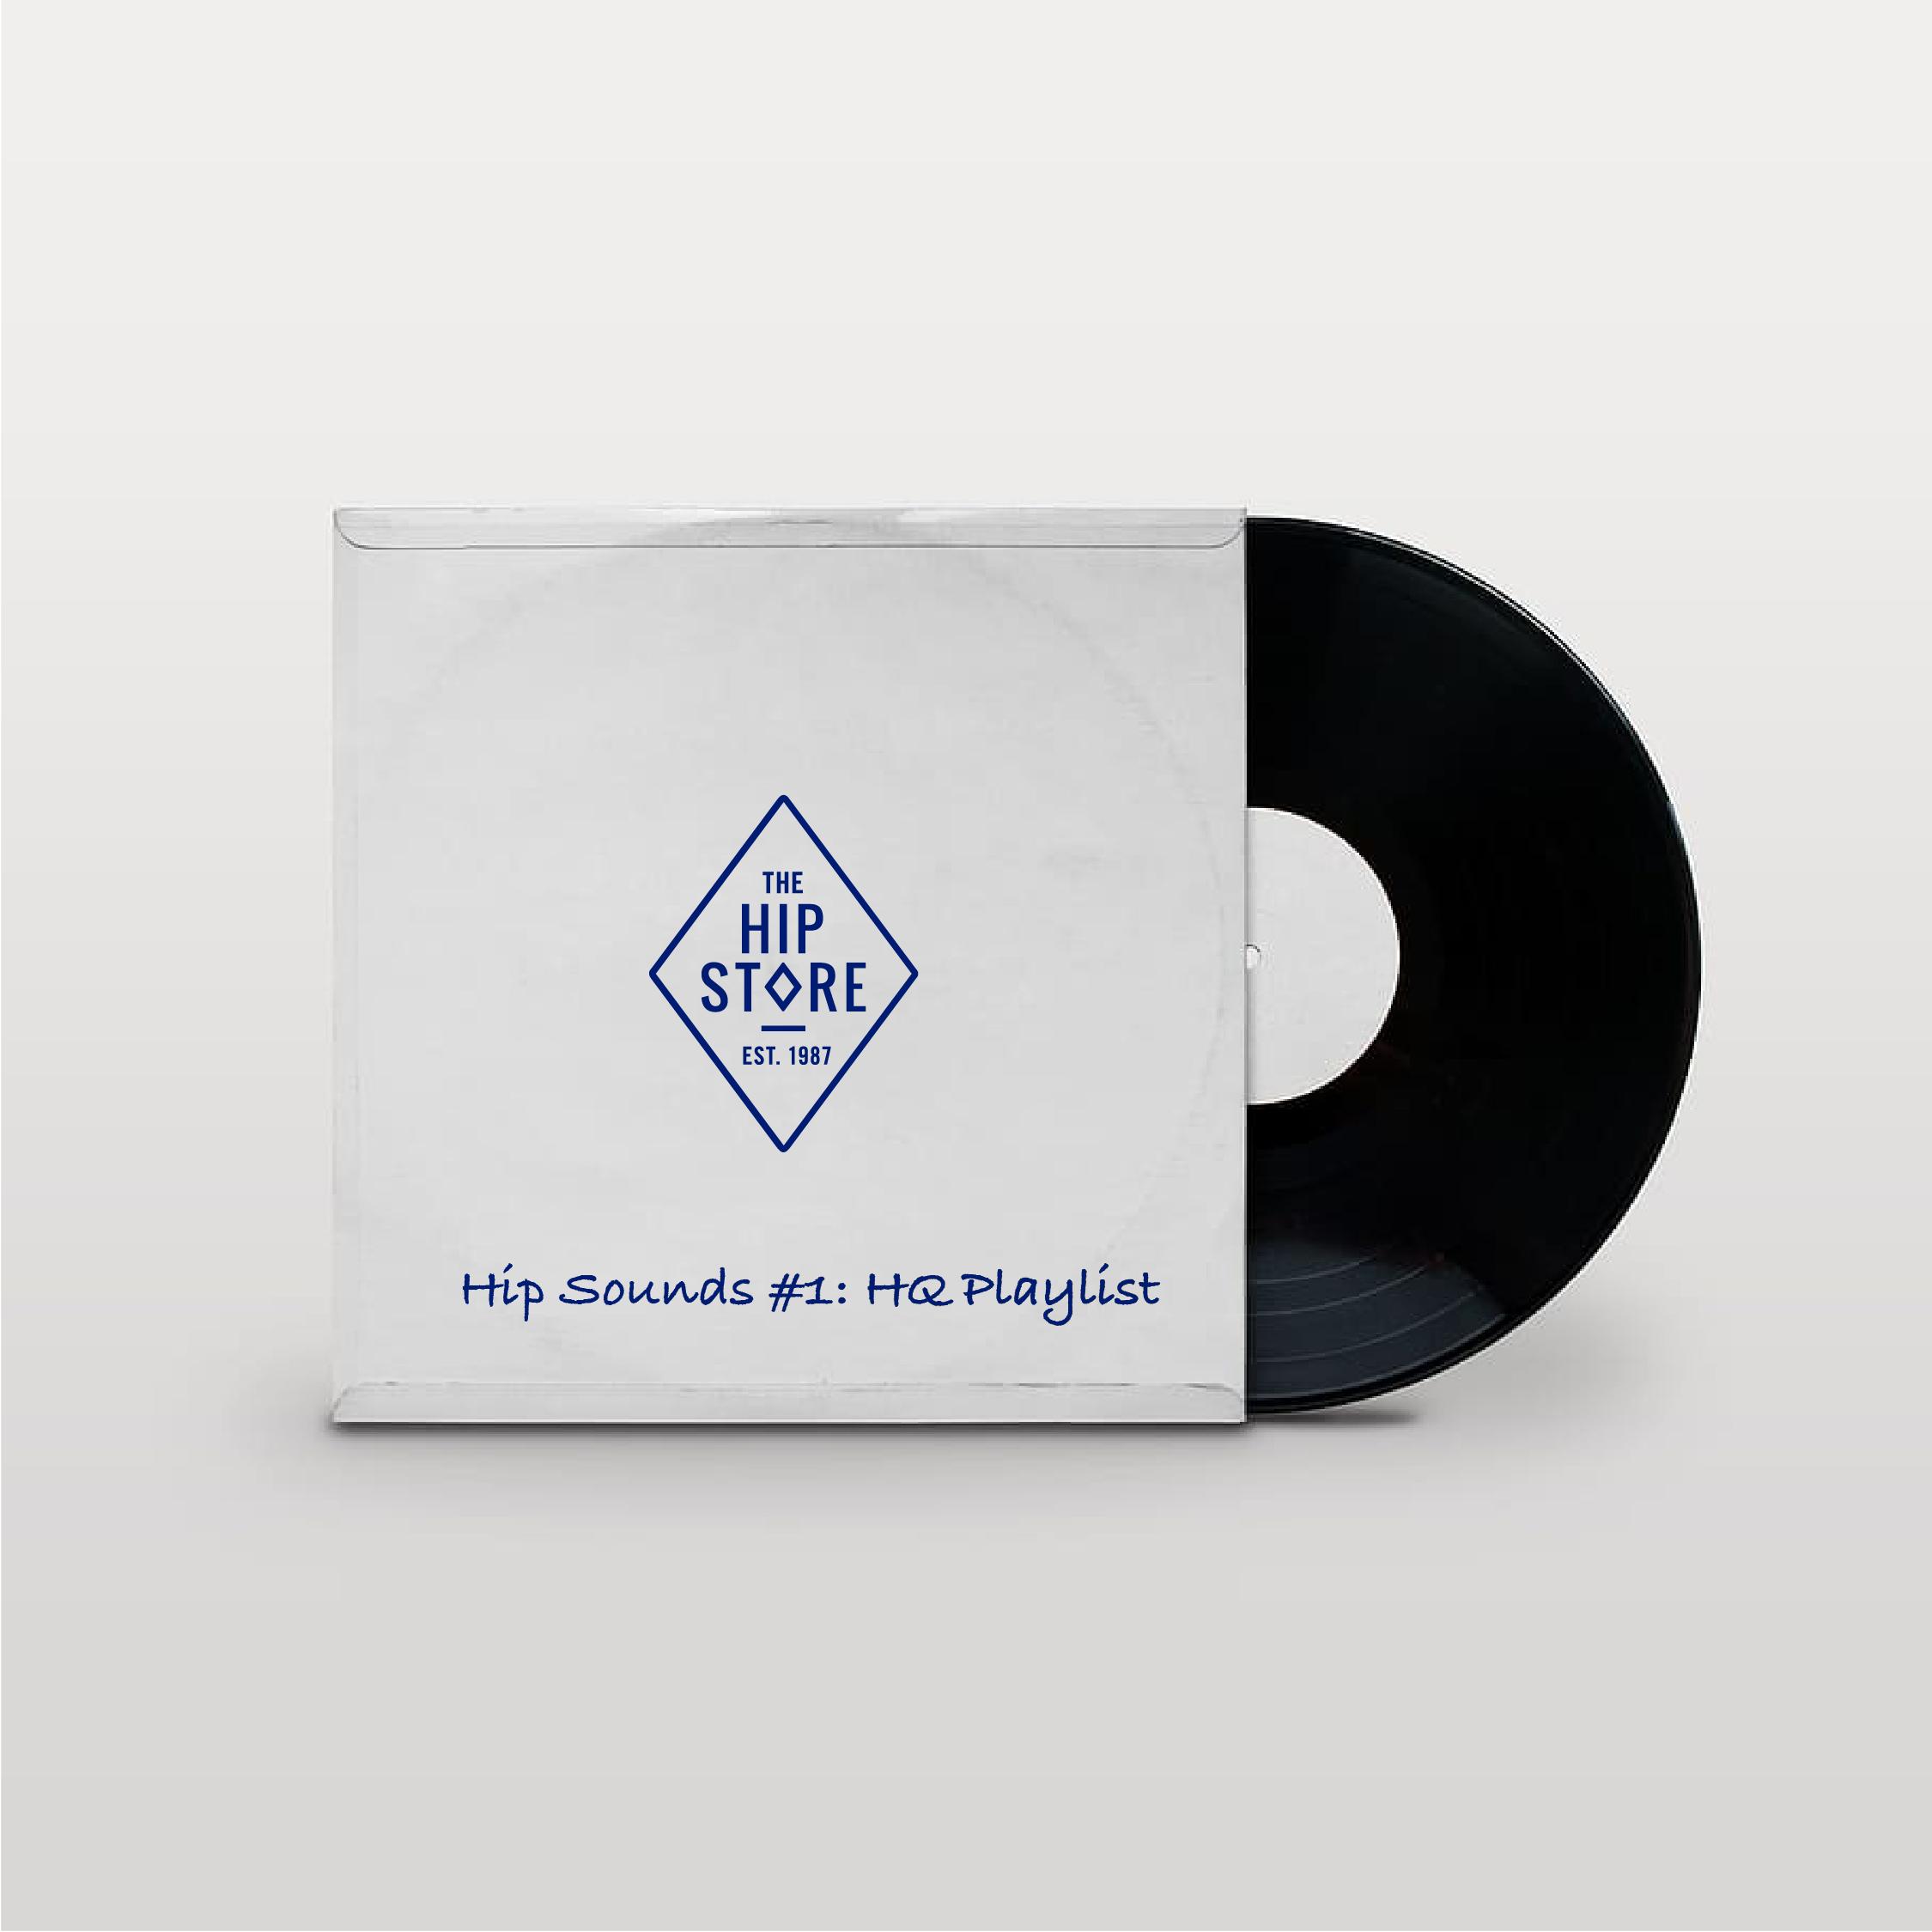 Hip Sounds #1: HQ Playlist